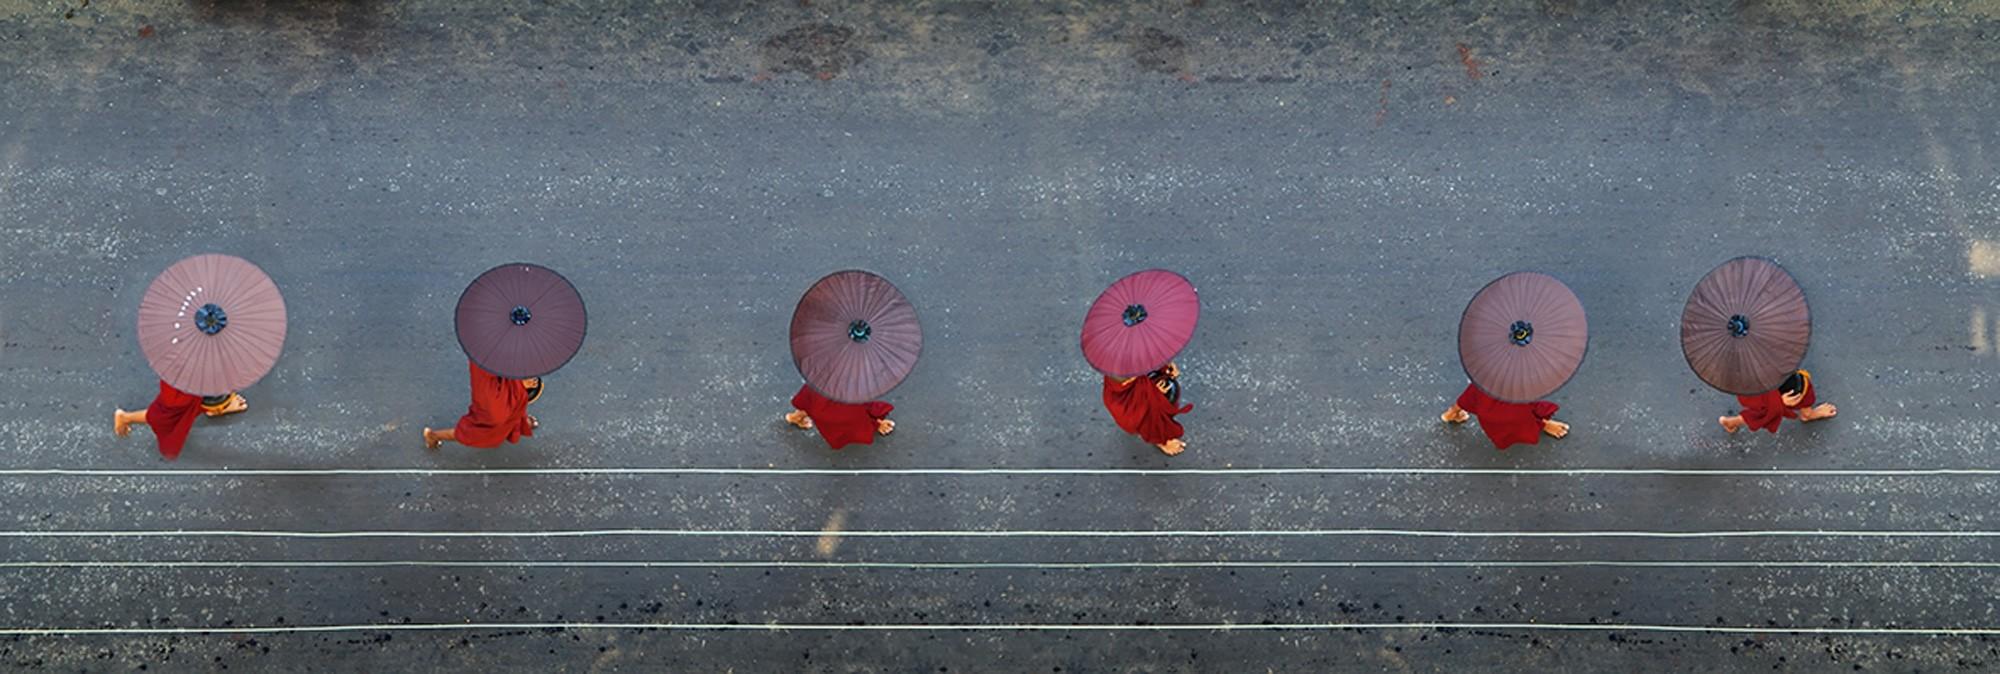 6 Monks, 6 AM (40x120cm) | Fotografie von Finkbeiner & Salm, Direktdruck auf Alu-Dibond, limitierte Edition